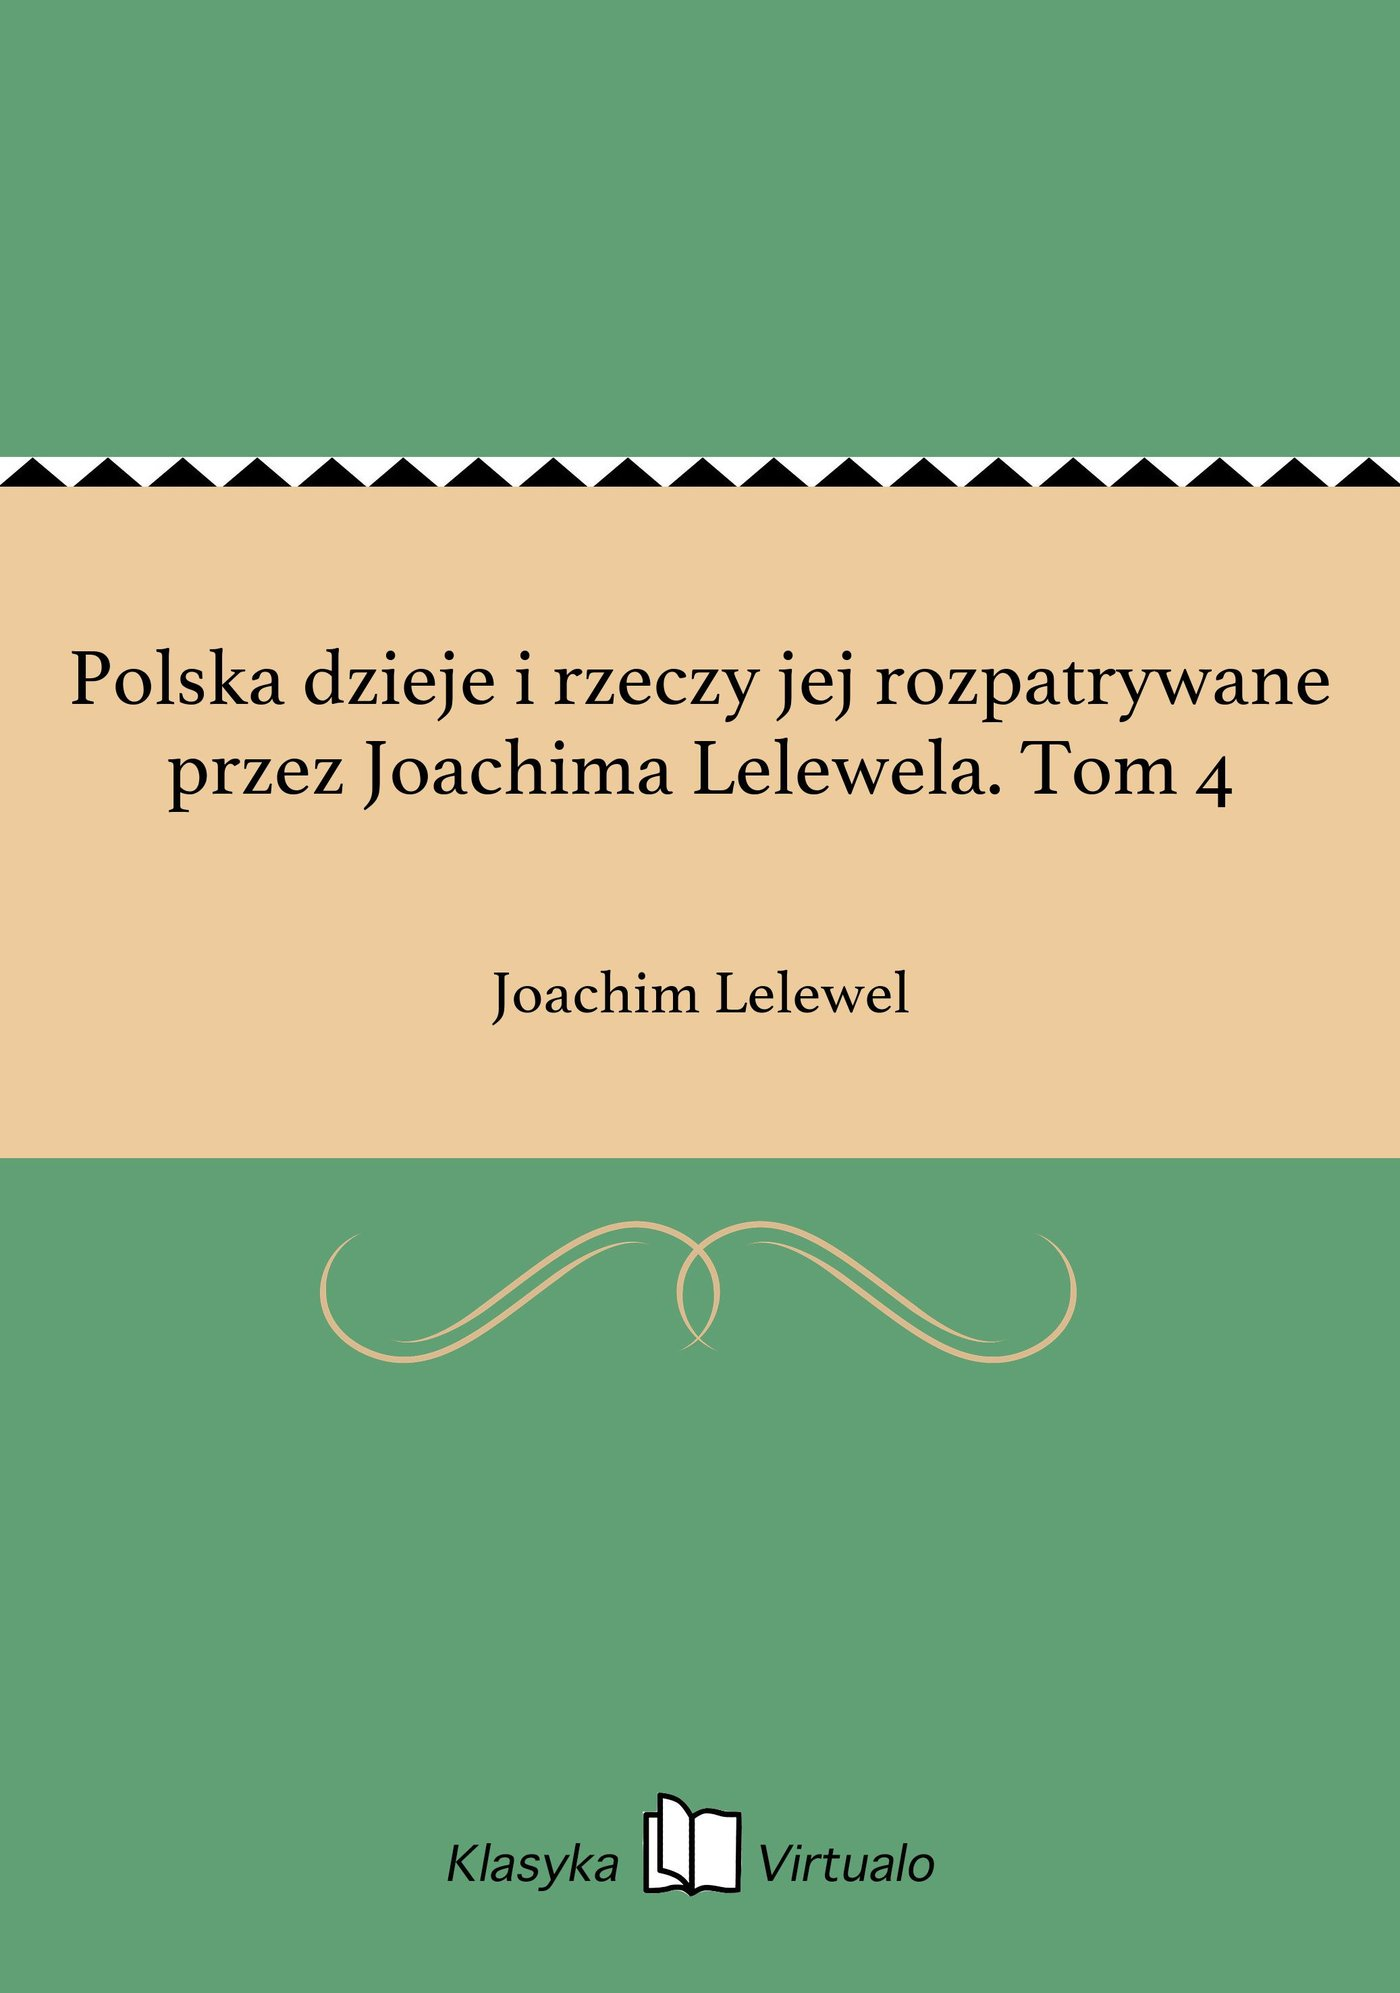 Polska dzieje i rzeczy jej rozpatrywane przez Joachima Lelewela. Tom 4 - Ebook (Książka EPUB) do pobrania w formacie EPUB